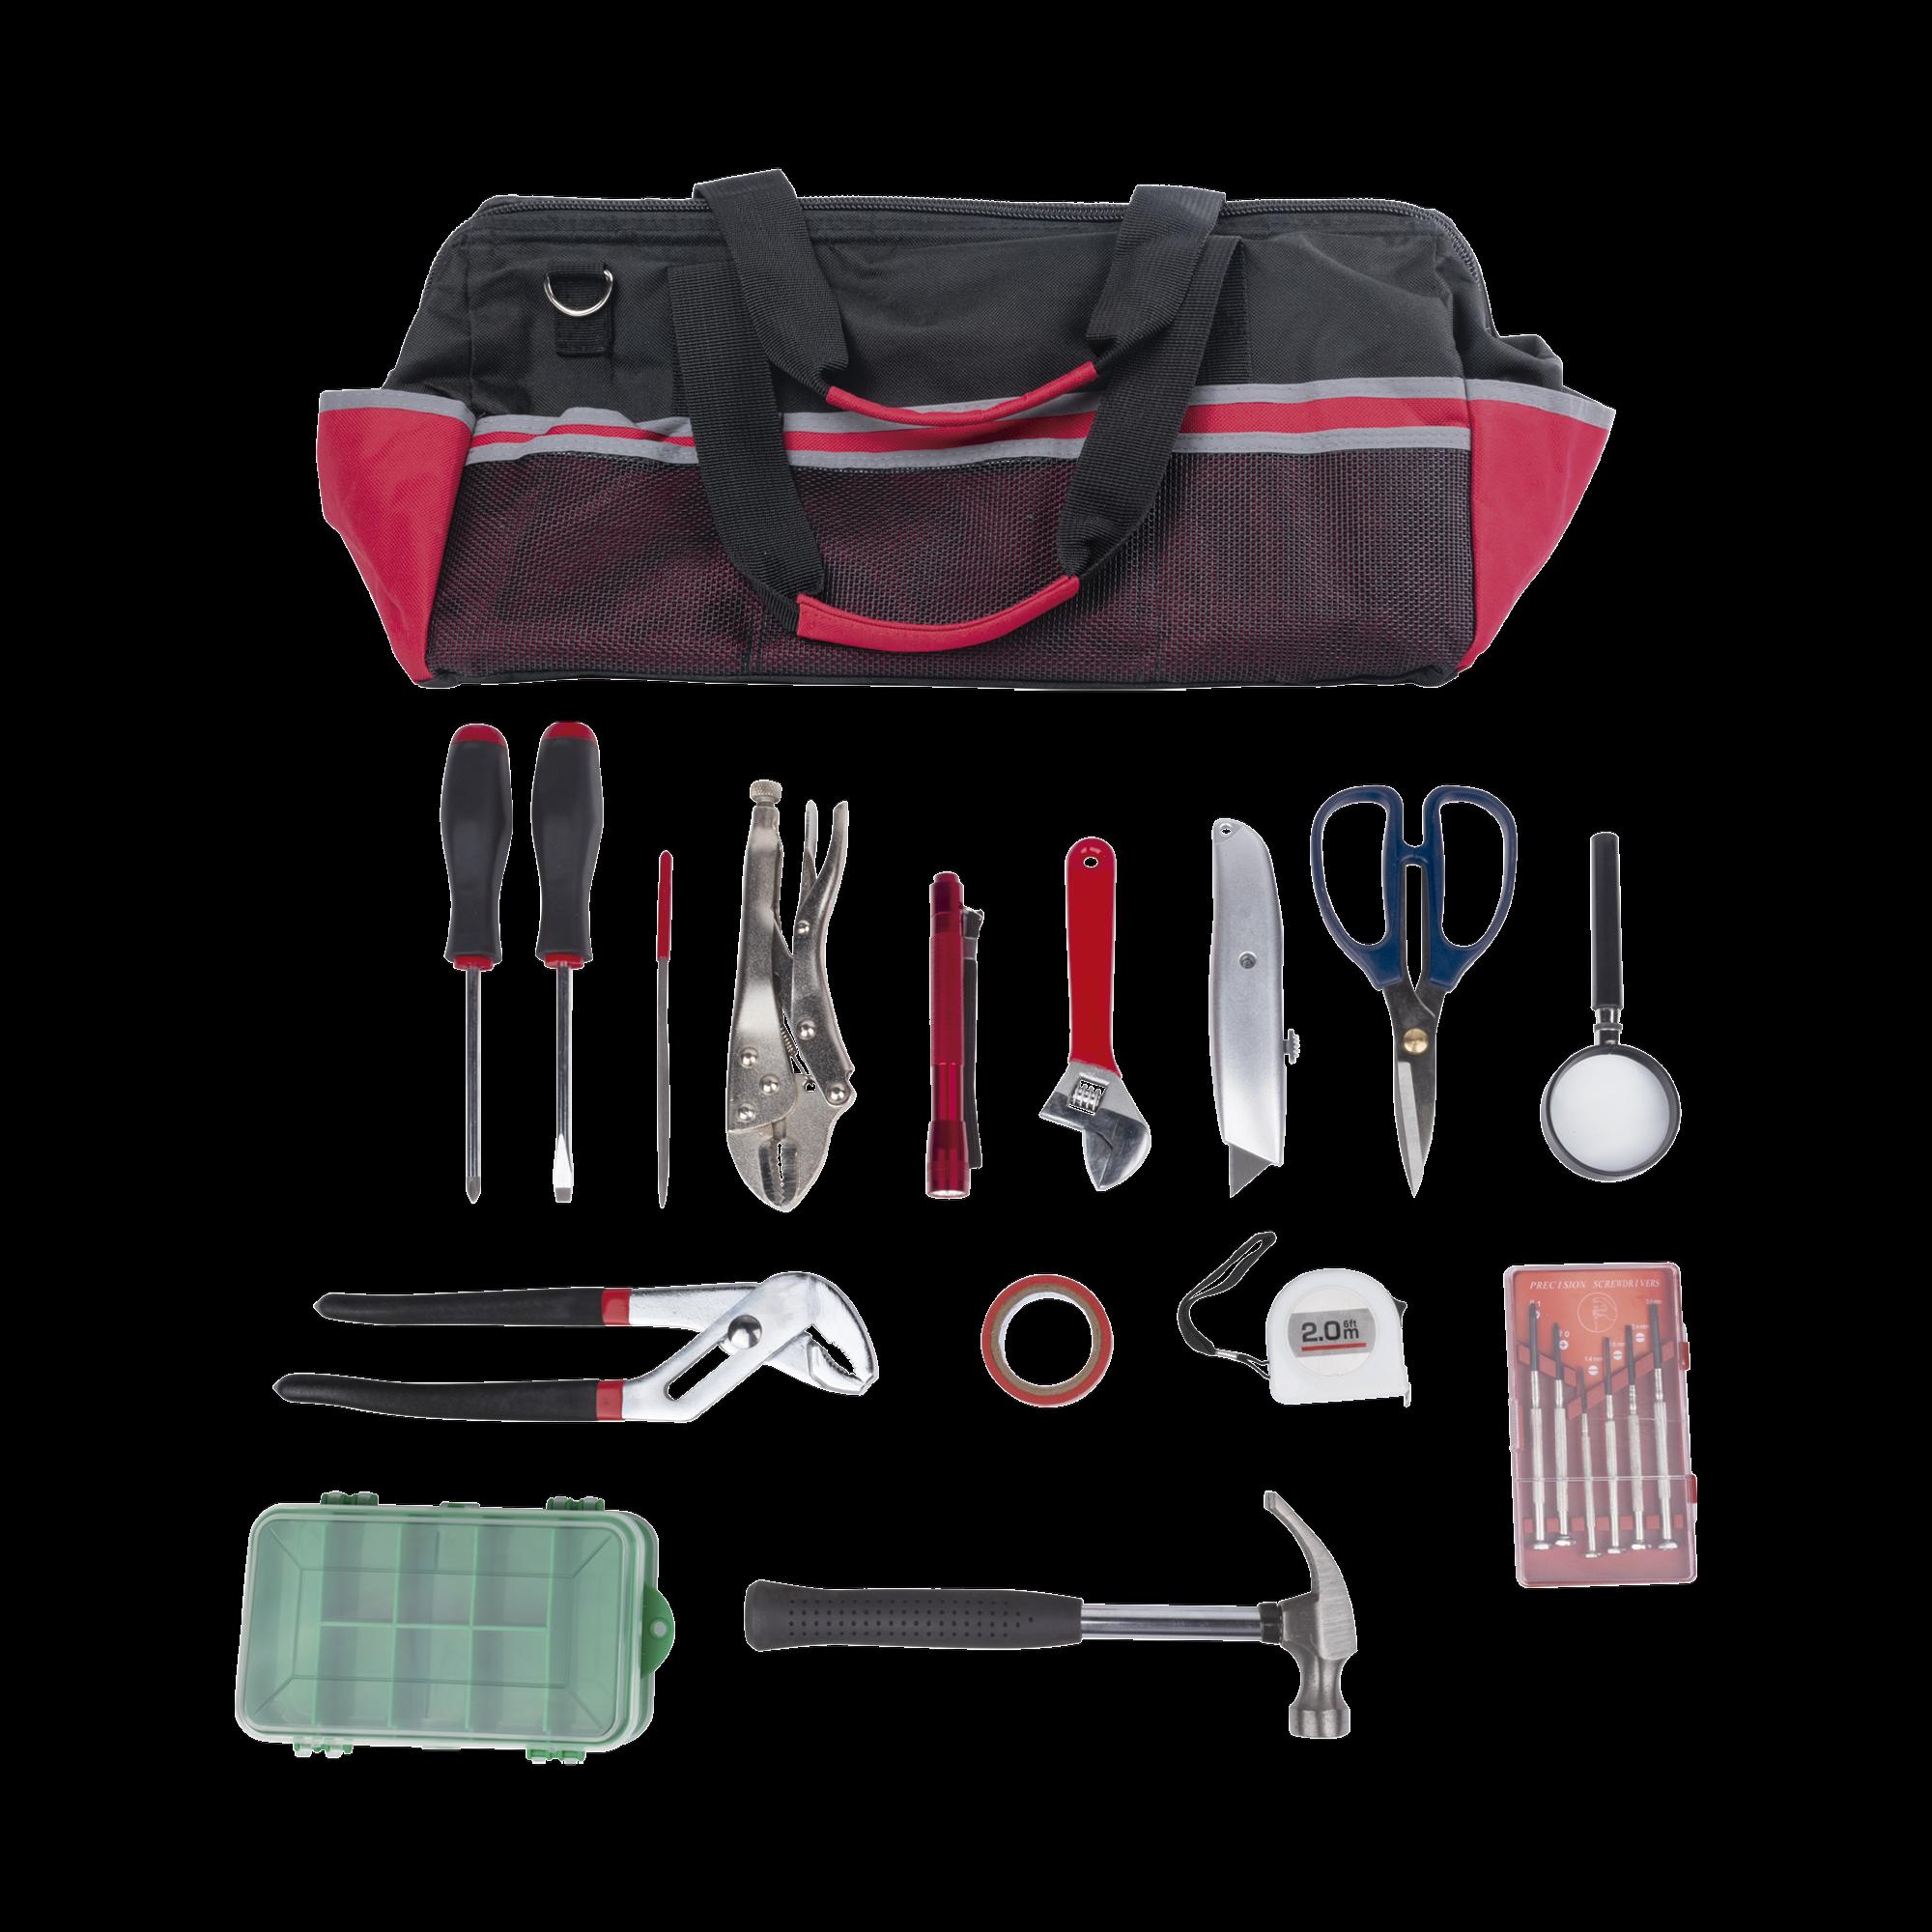 Kit de herramientas de reparacion con 15 piezas, incluye maleta de herramientas.